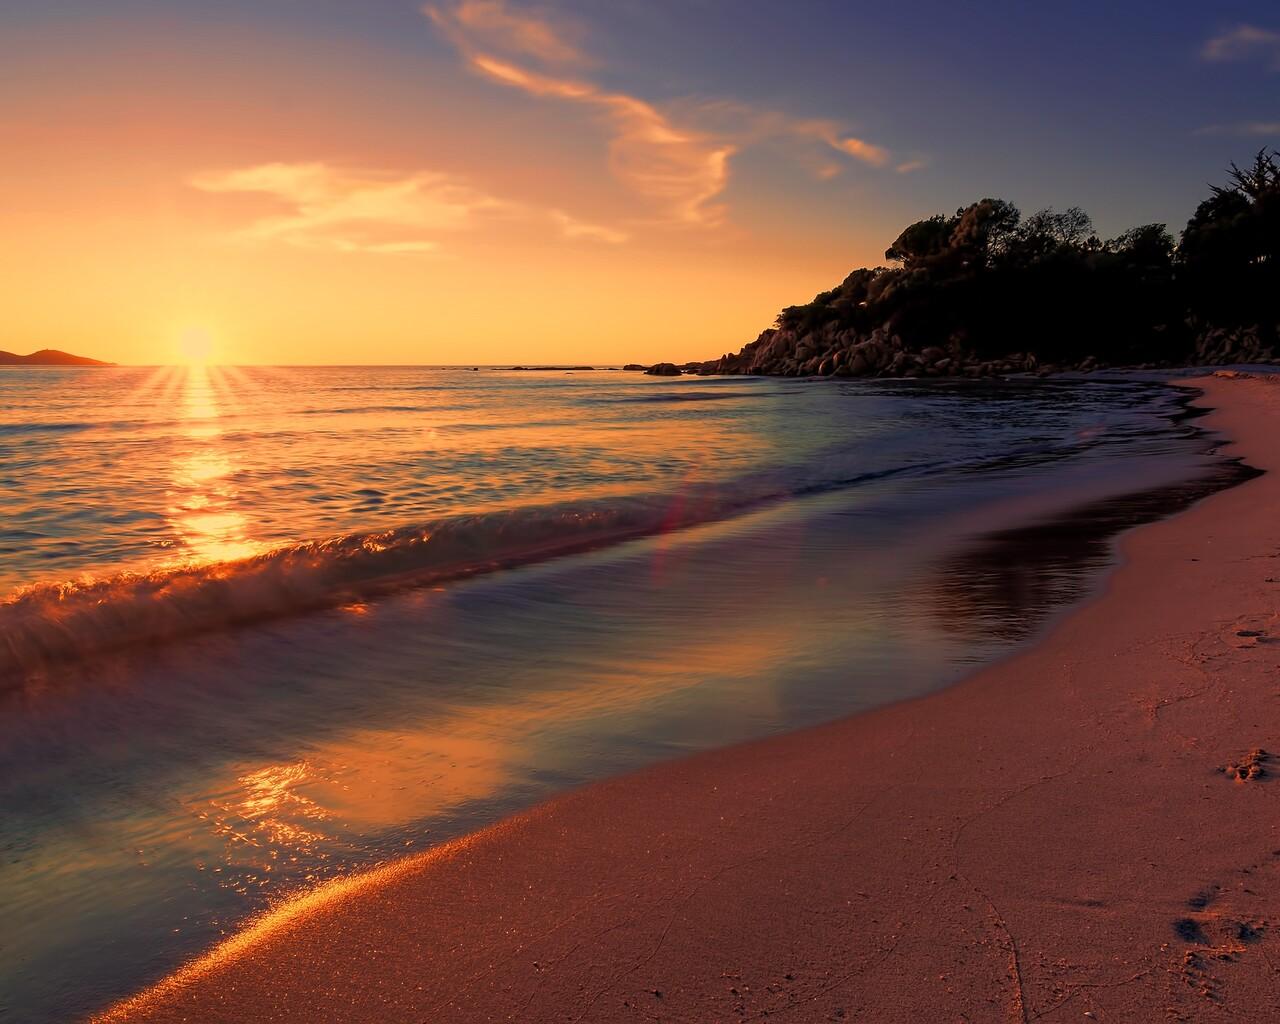 sea-sunset-beach-sunlight-long-exposure-4k-ku.jpg